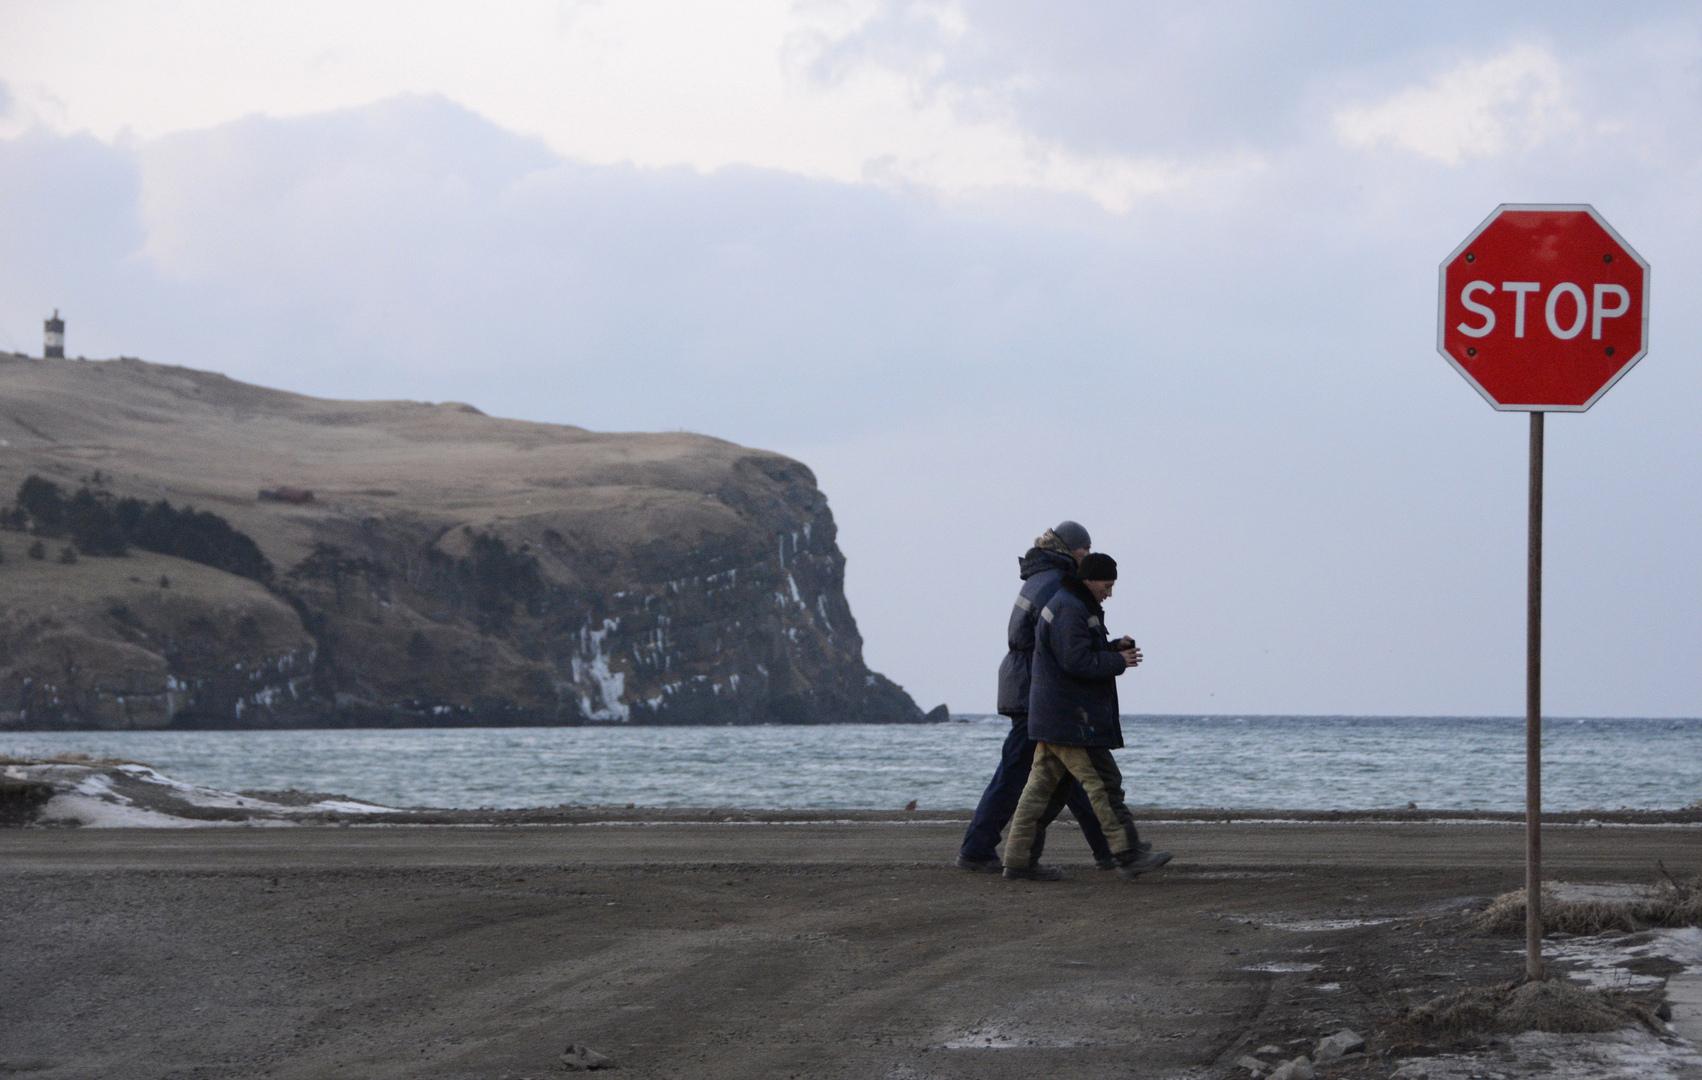 تدريبات عسكرية روسية في جزر الكوريل بمشاركة أكثر 500 عسكري